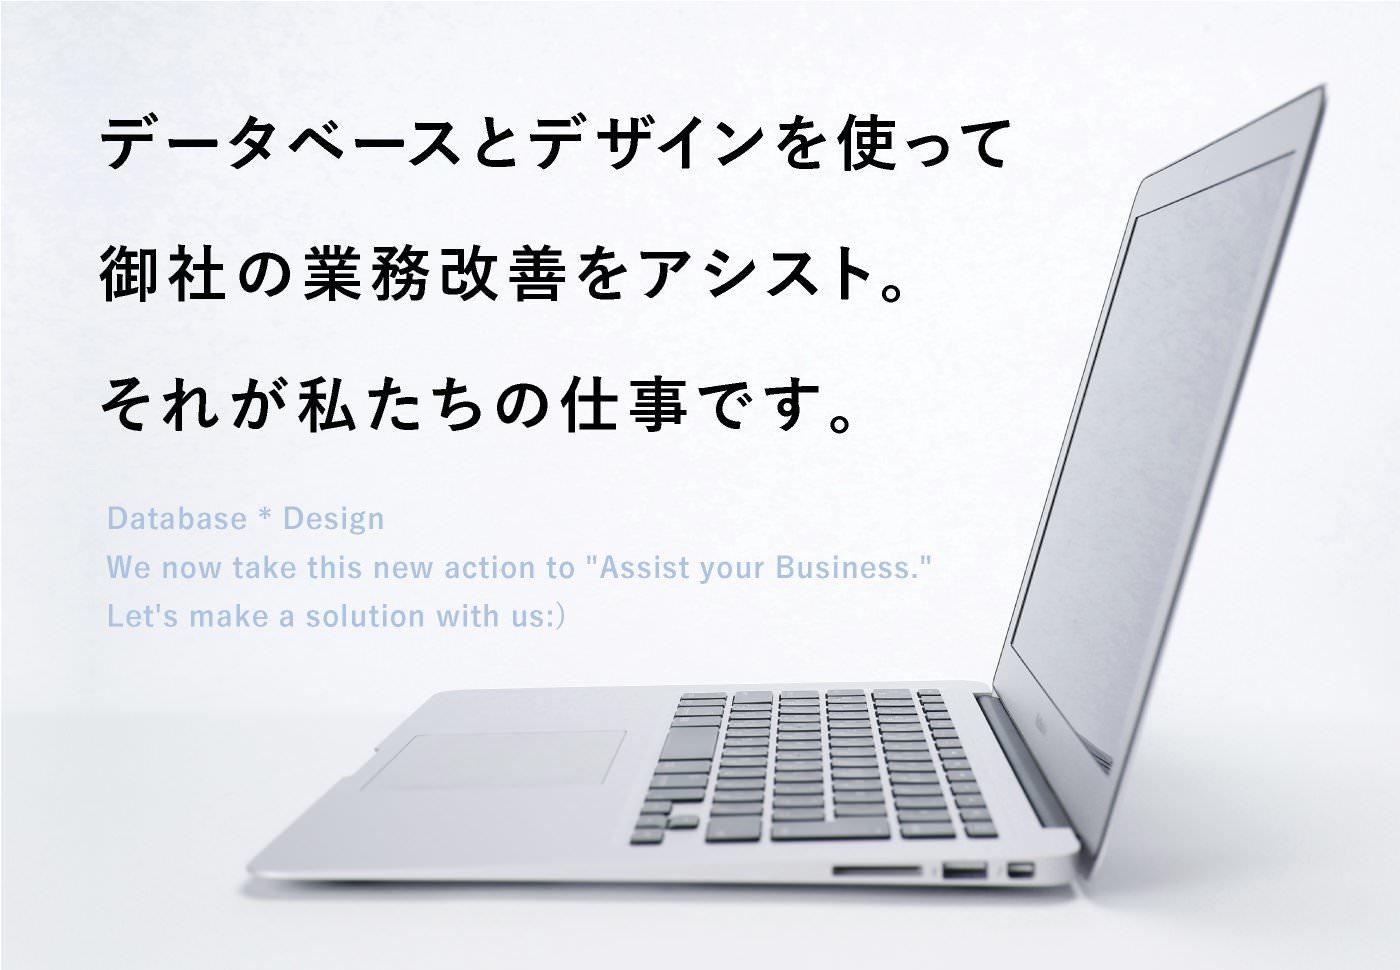 御社の様々な業務問題をシステムを使って解決する。それが私たち株式会社ビジネスアシストFileMaker(ファイルメーカー)開発部門の仕事です。